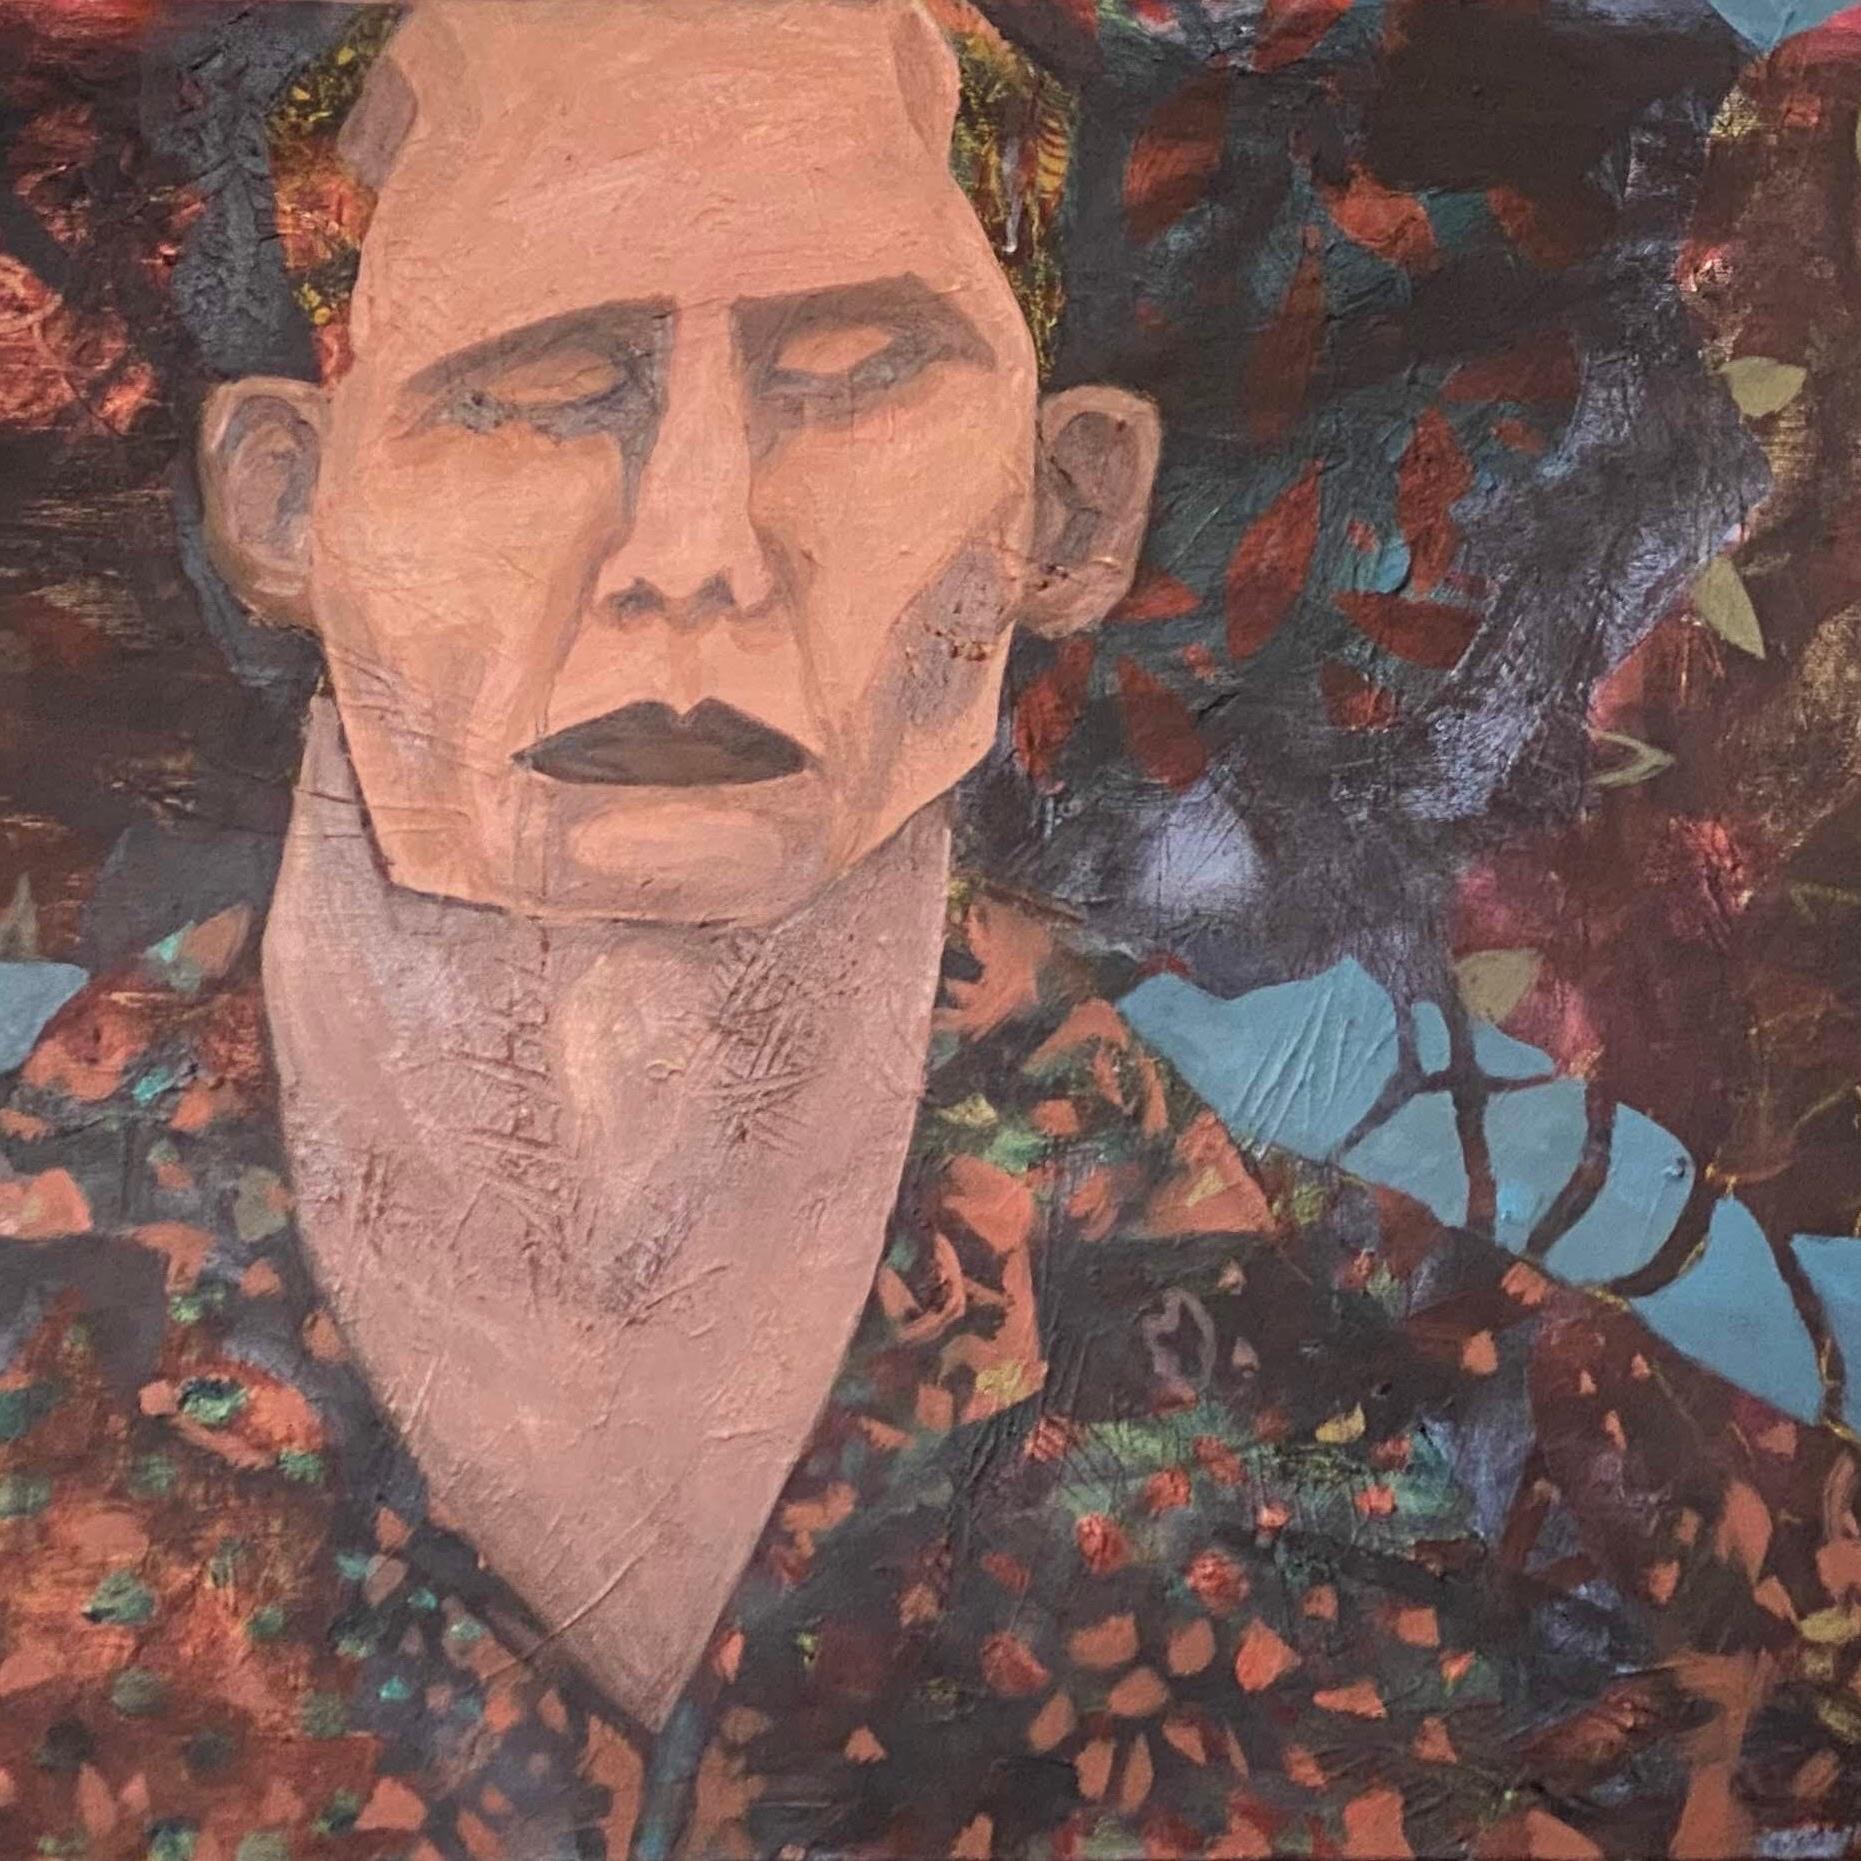 גבורת האיש השקוף 2020. שמן ואקרילי על בד 50 / 100 ס״מ The Heroics of the Invisible Man. 2020. Oil and acrylic on canvas 50 x 100 cm